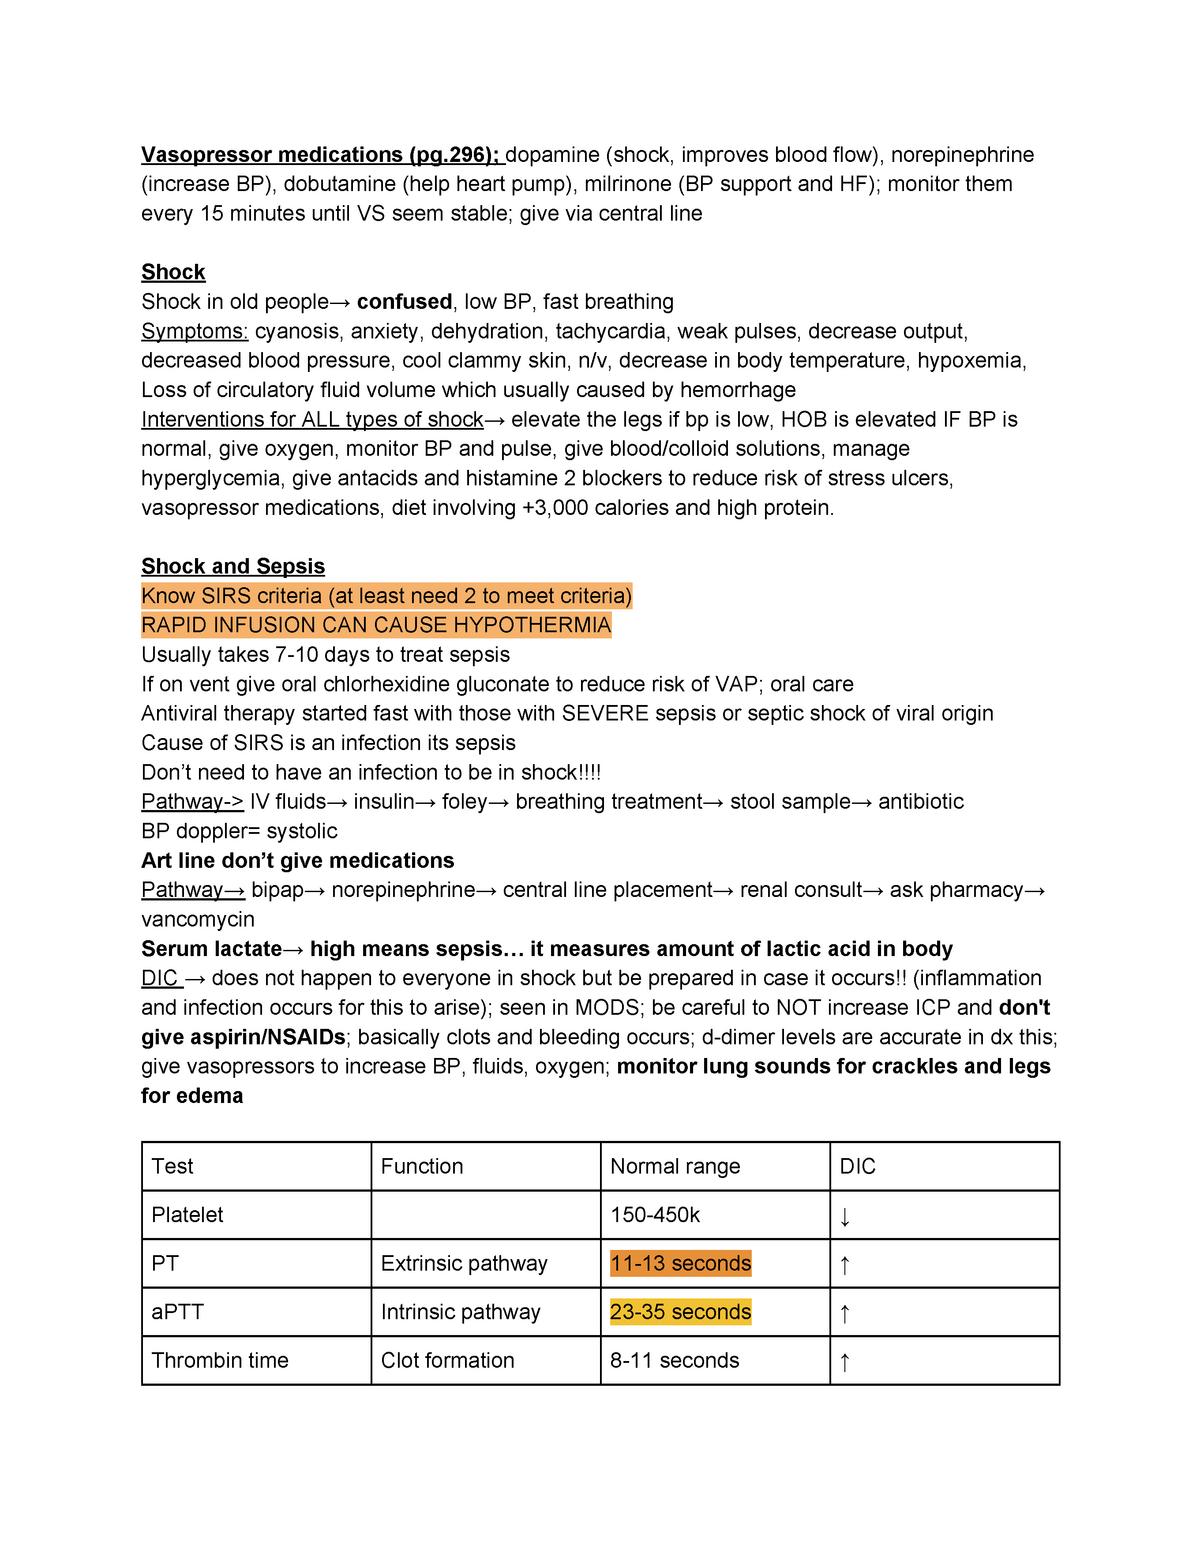 Best buy sales associate resume